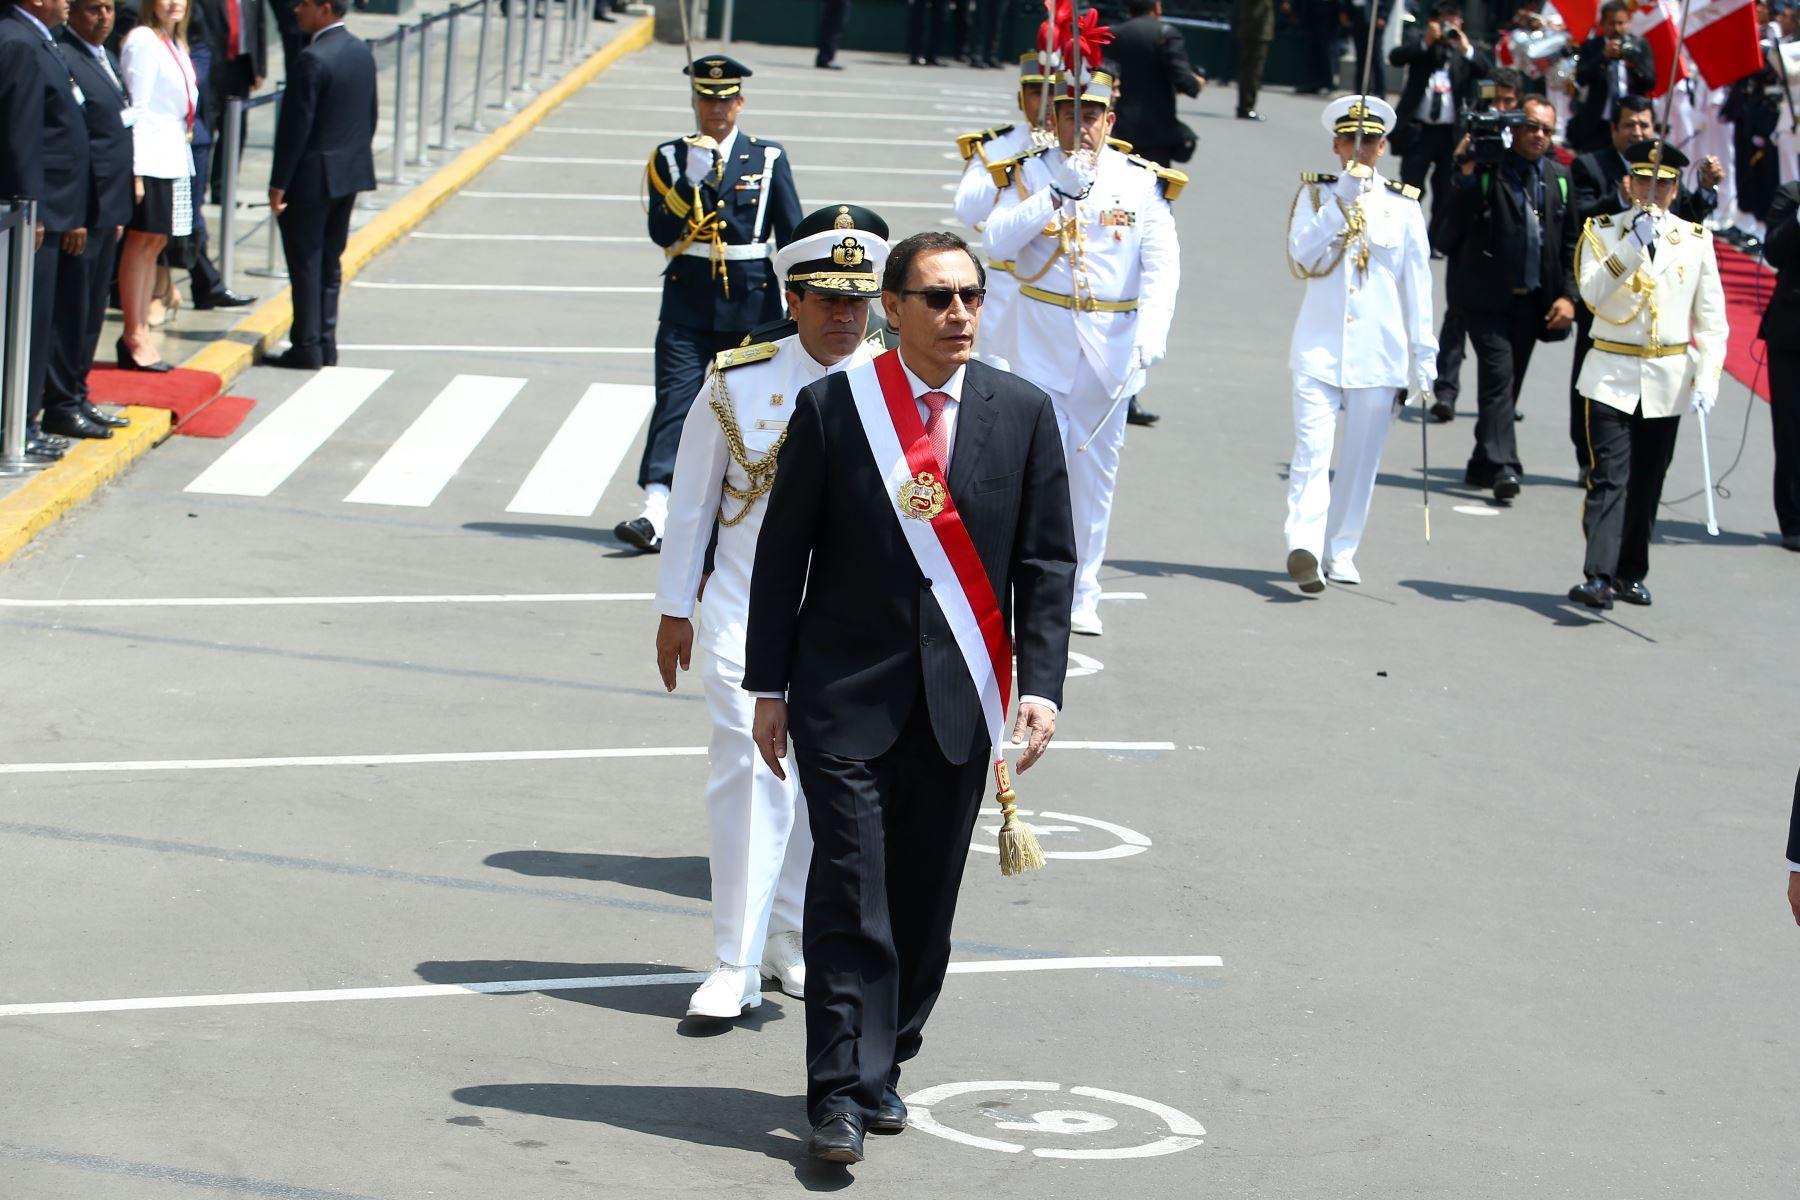 Así fue el ingreso del presidente Vizcarra a Palacio de Gobierno